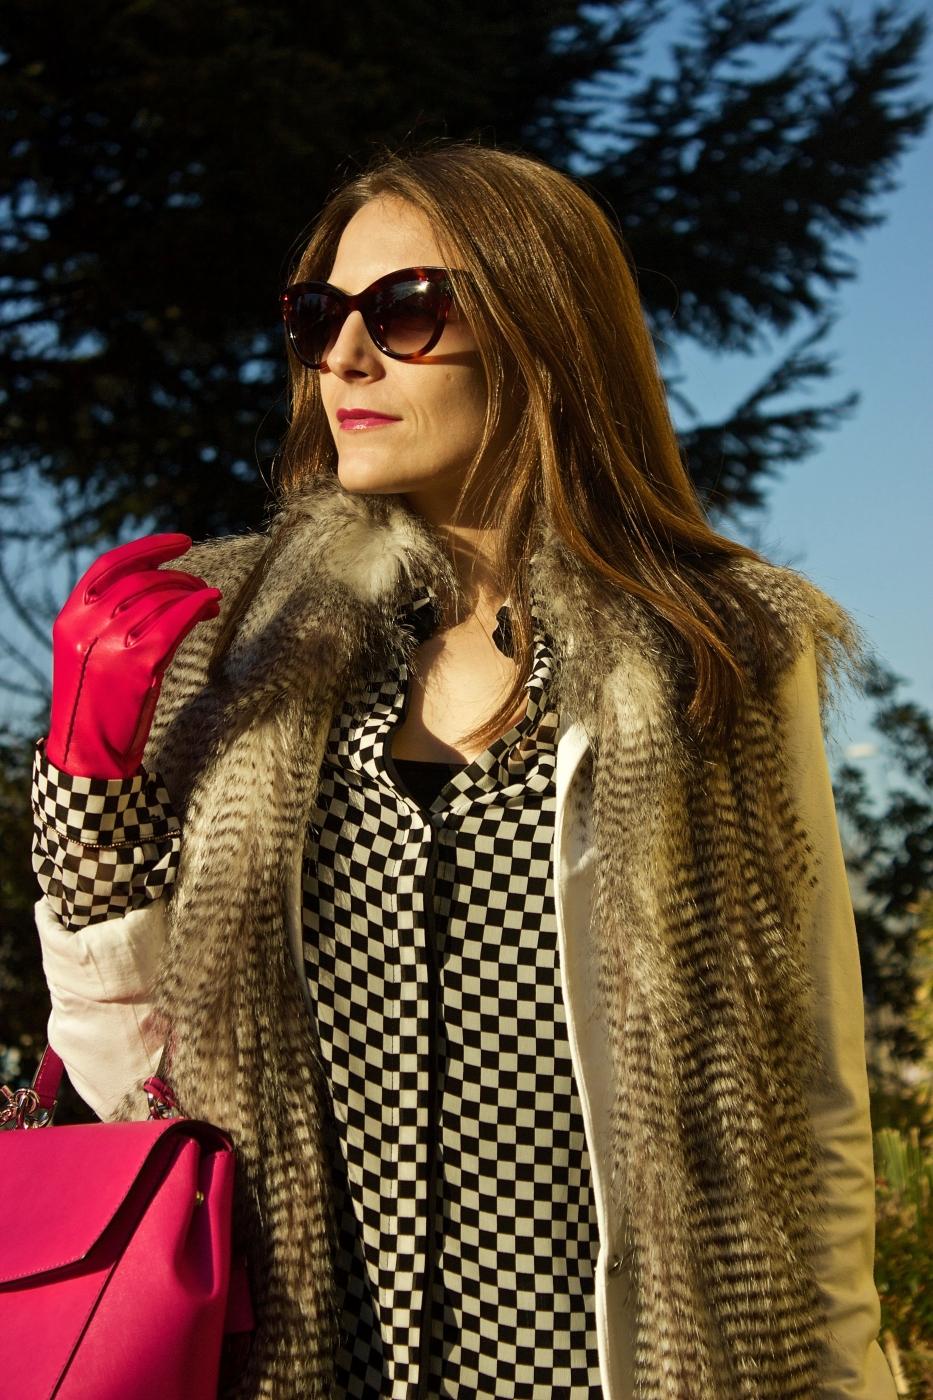 lara-vazquez-madlula-style-streetstyle-fashionblog-fucsia-details